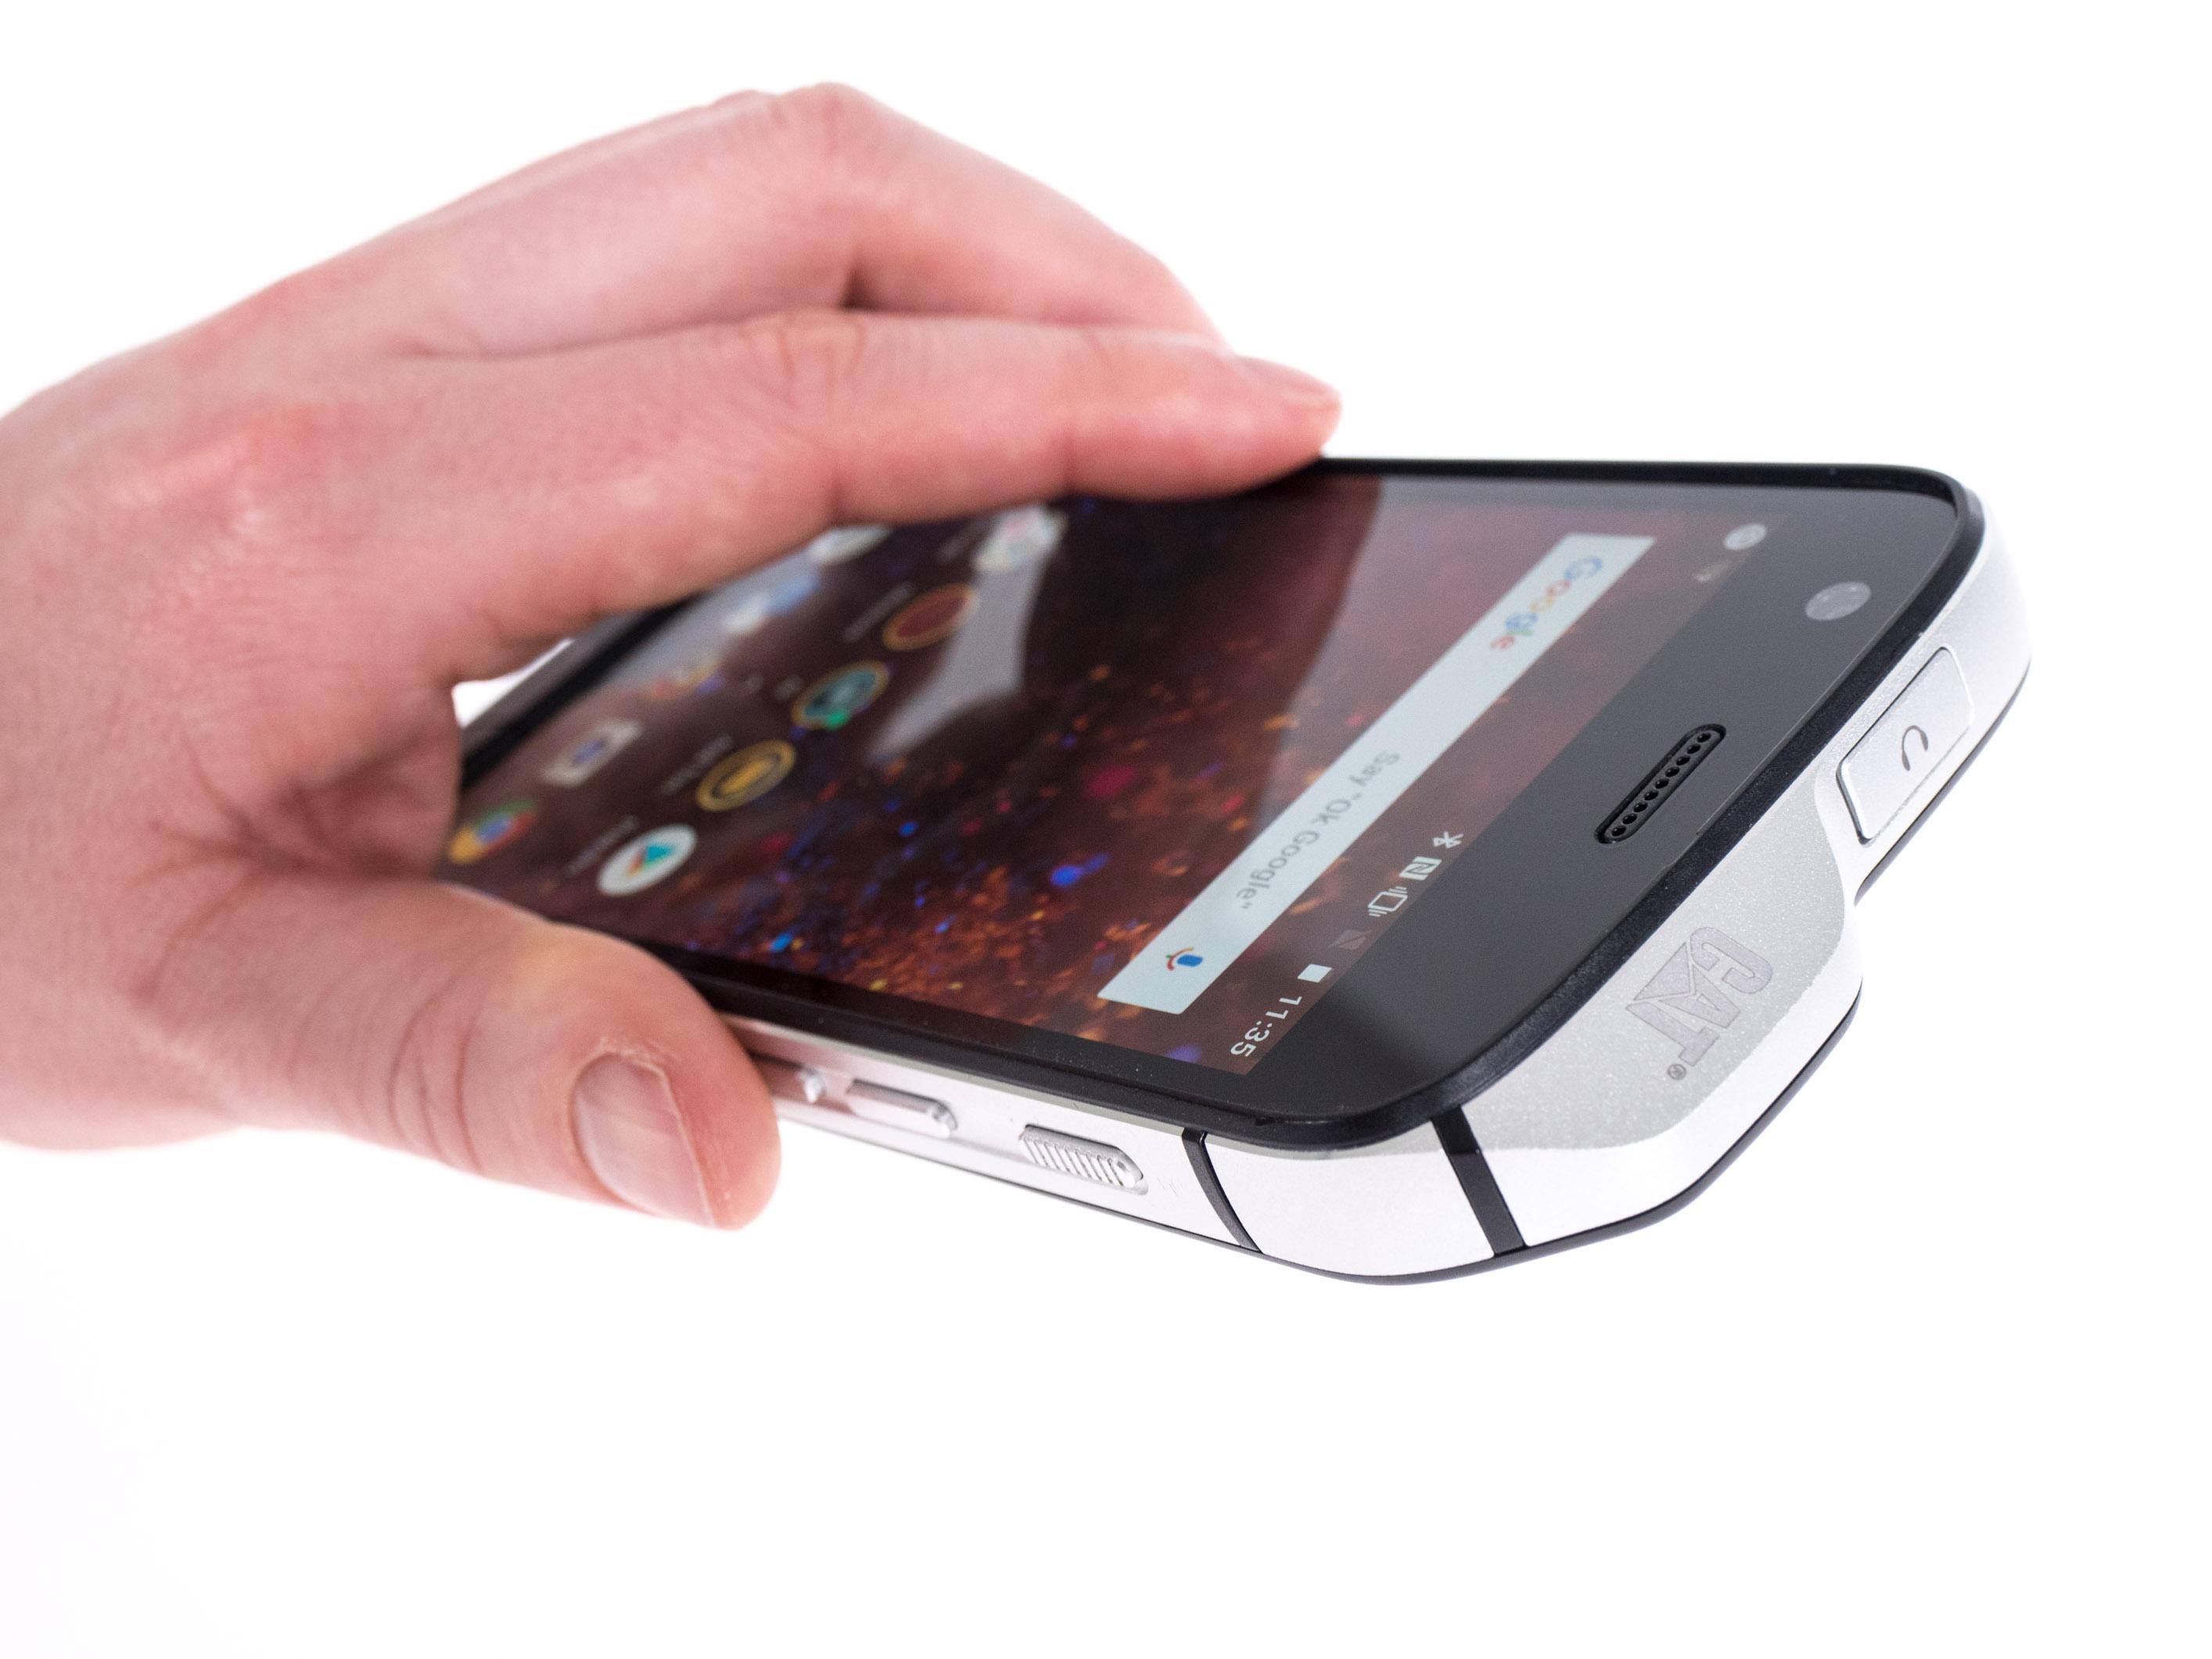 Cat S61 im Hands on: Smartphone kann Luftreinheit und Entfernungen messen -